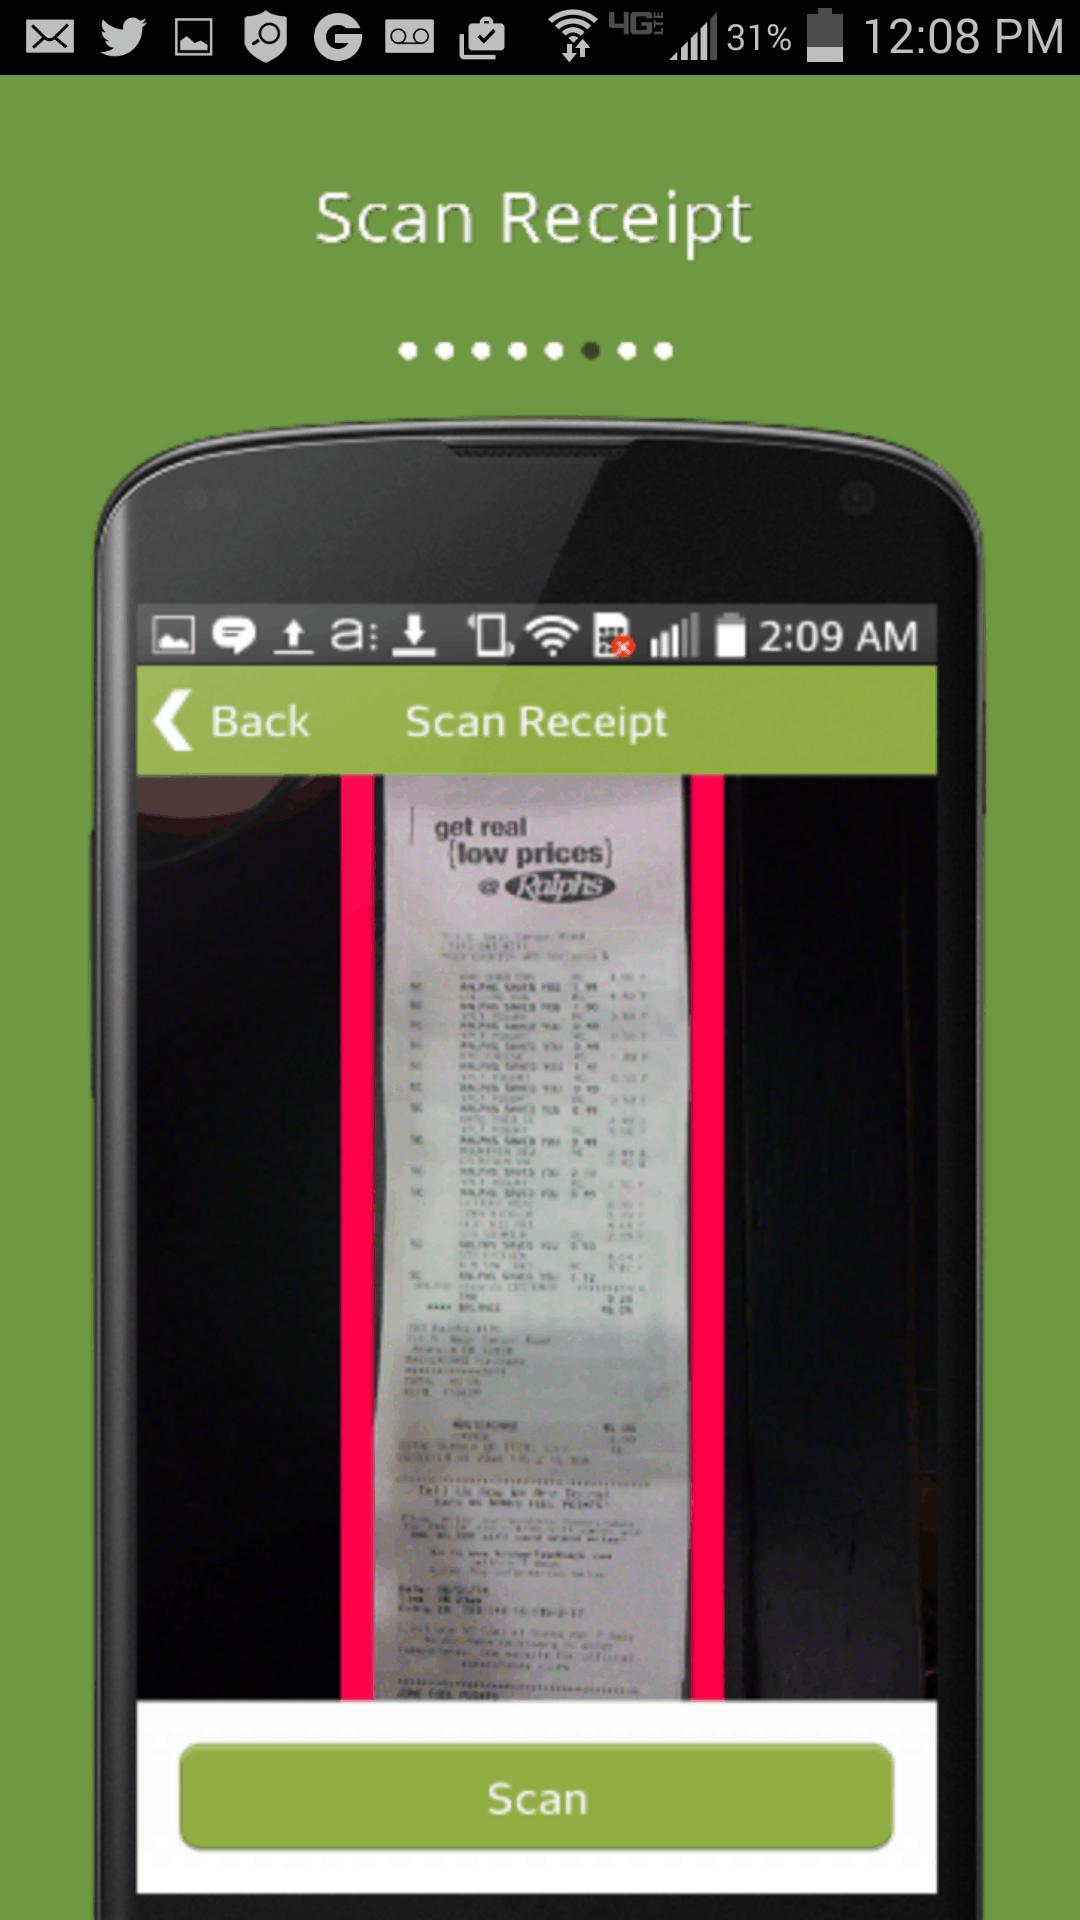 BerryCart App Receipt Scan